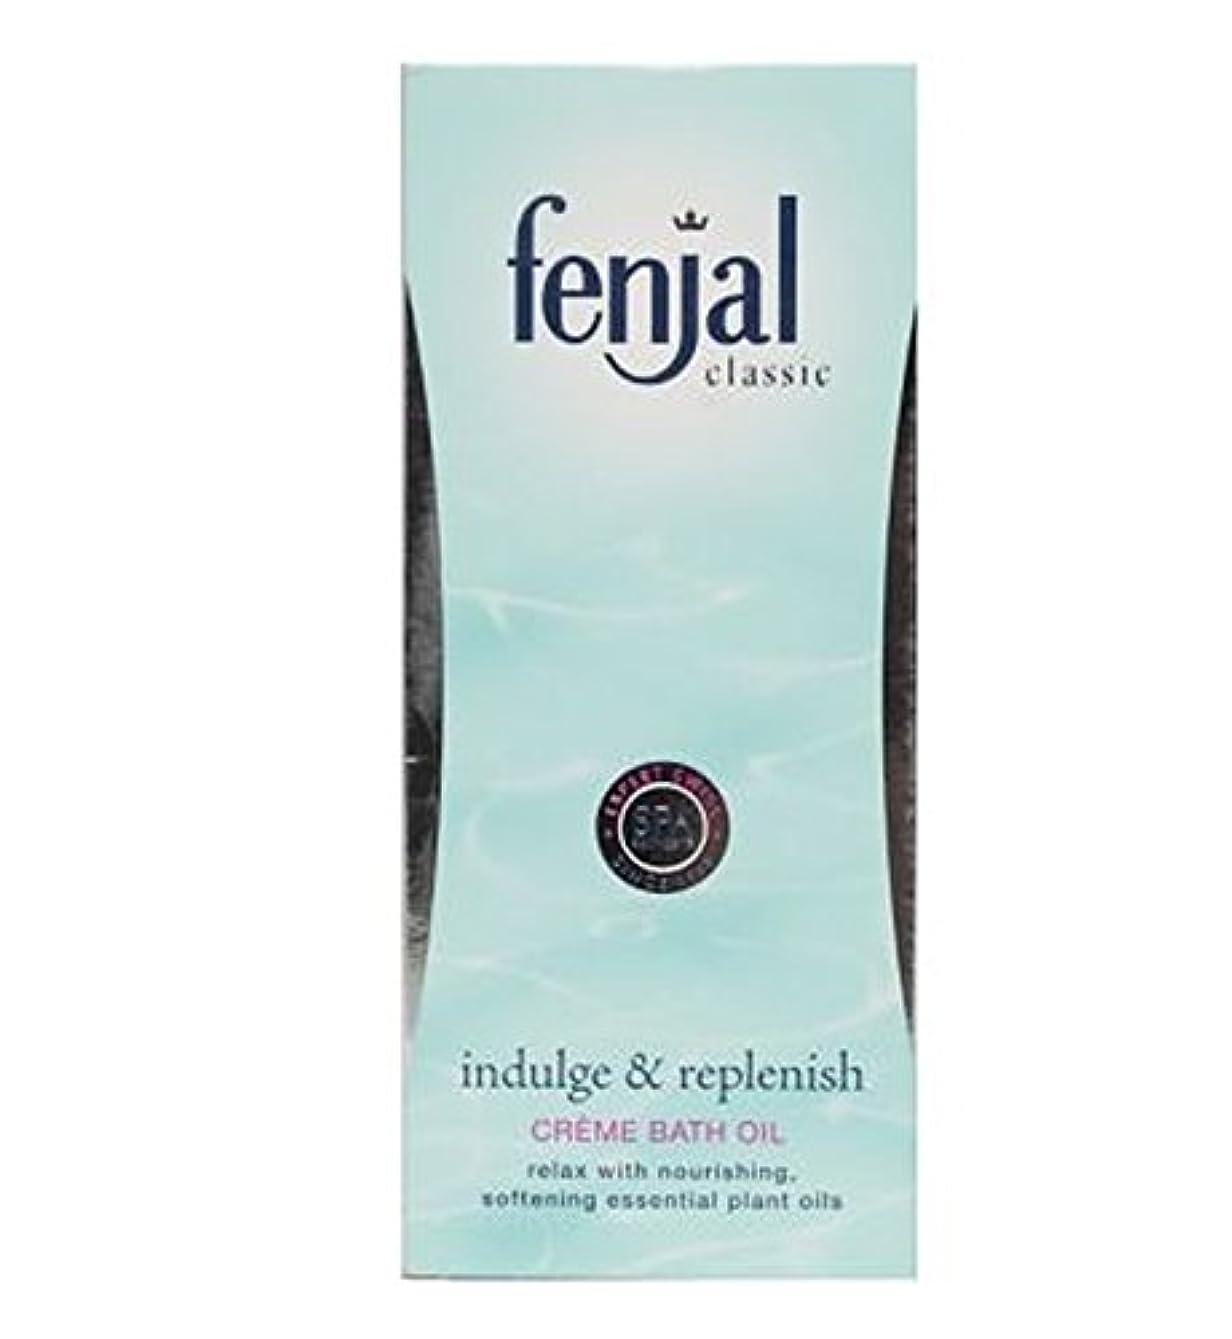 重くするモッキンバードテラスFenjal古典的な高級クリームバスオイル125ミリリットル (Fenjal) (x2) - Fenjal Classic Luxury Creme Bath Oil 125 ml (Pack of 2) [並行輸入品]